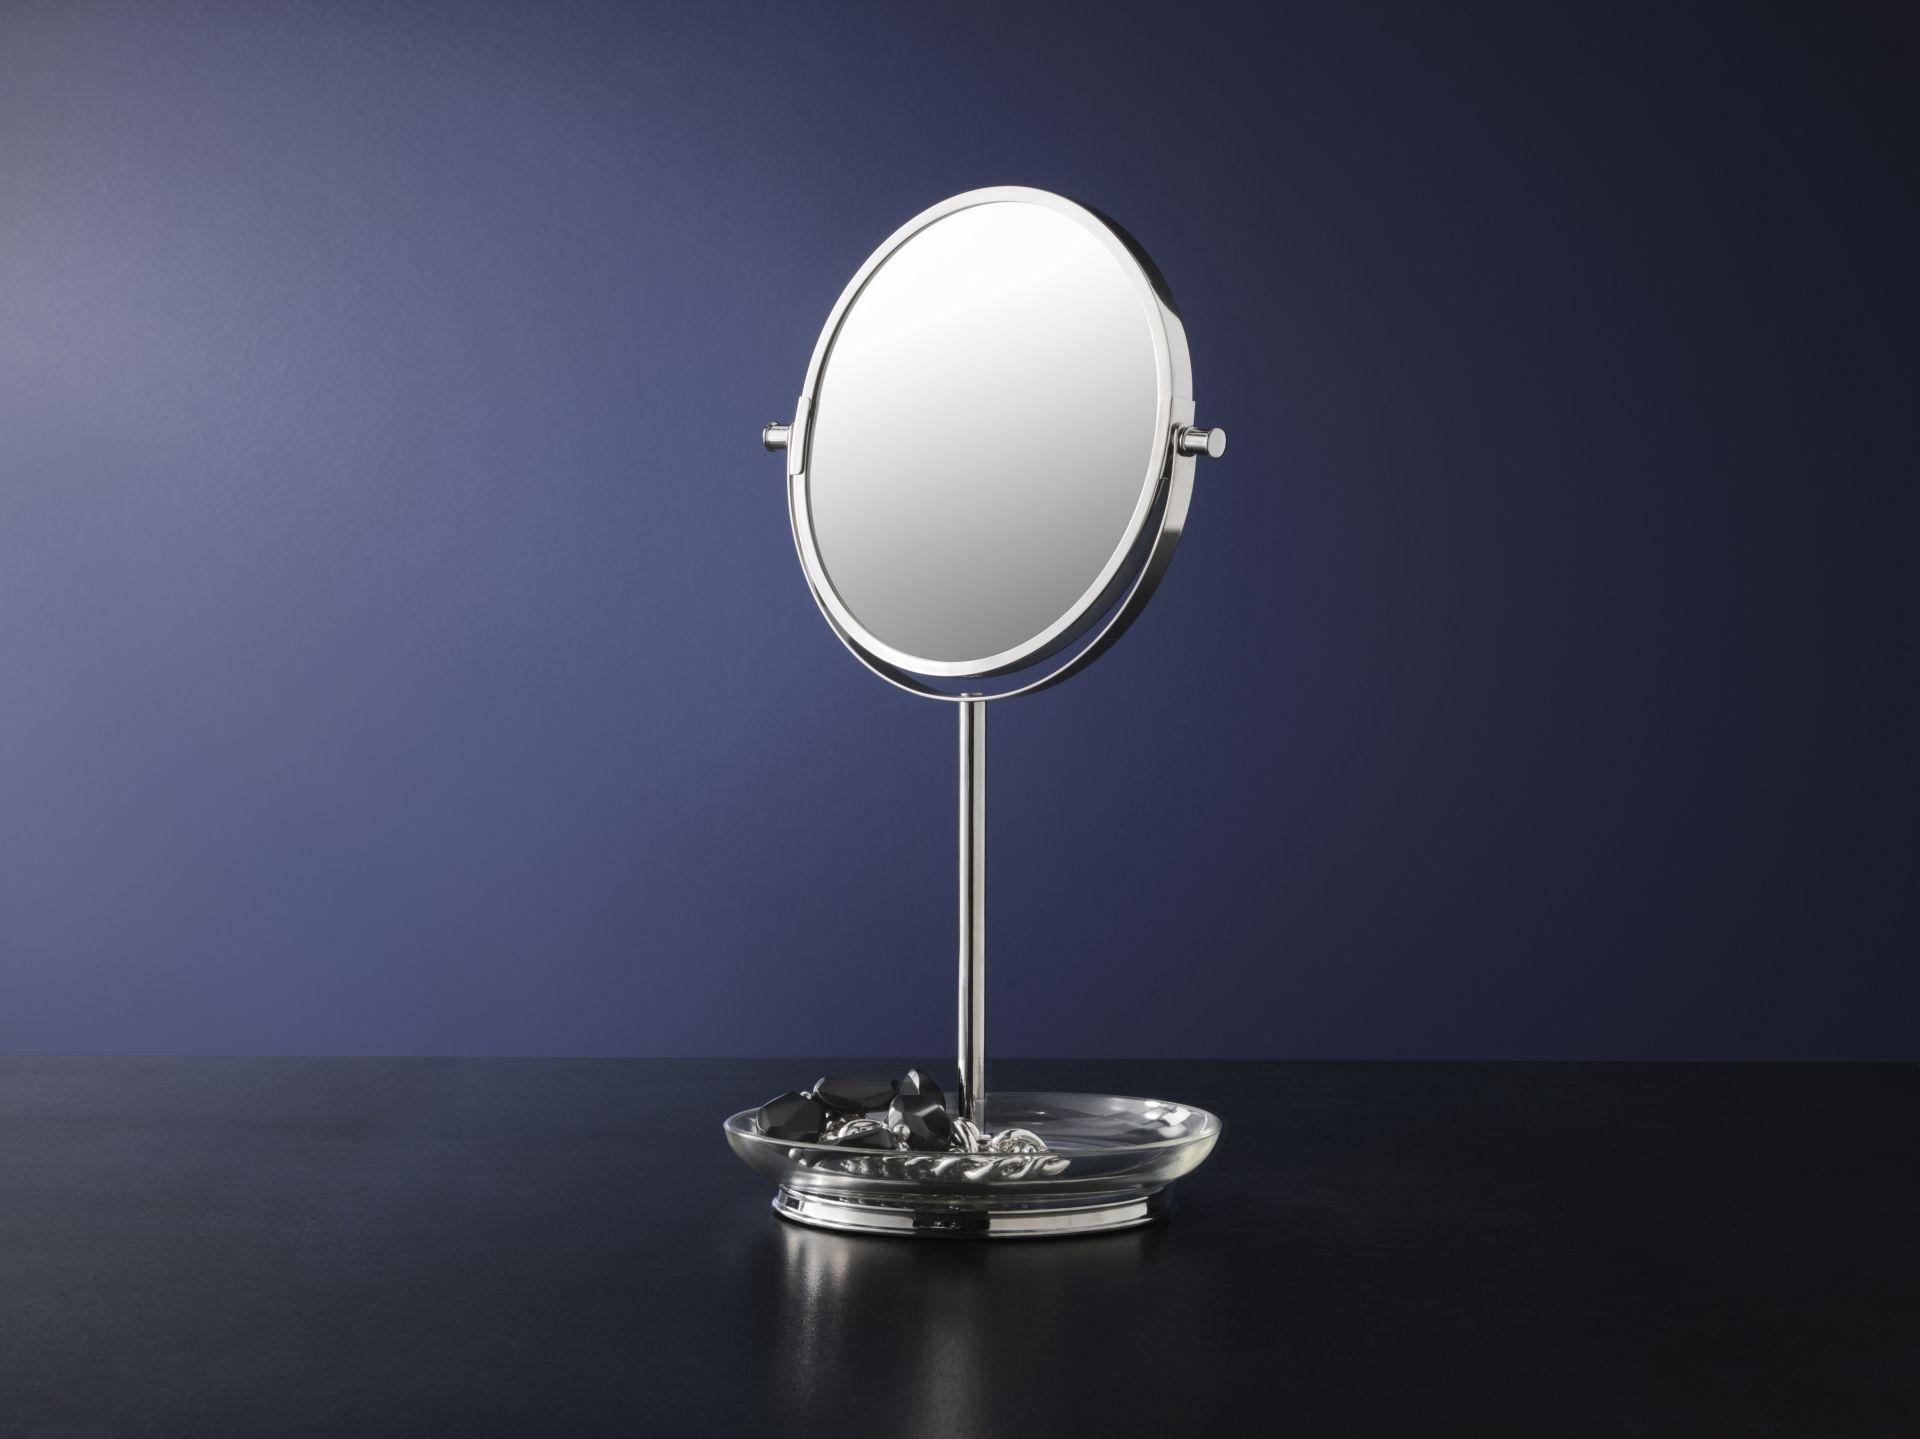 Lamp Spiegel Badkamer : Ikea badkamer spiegel lamp: spiegel lampen badezimmerlampen